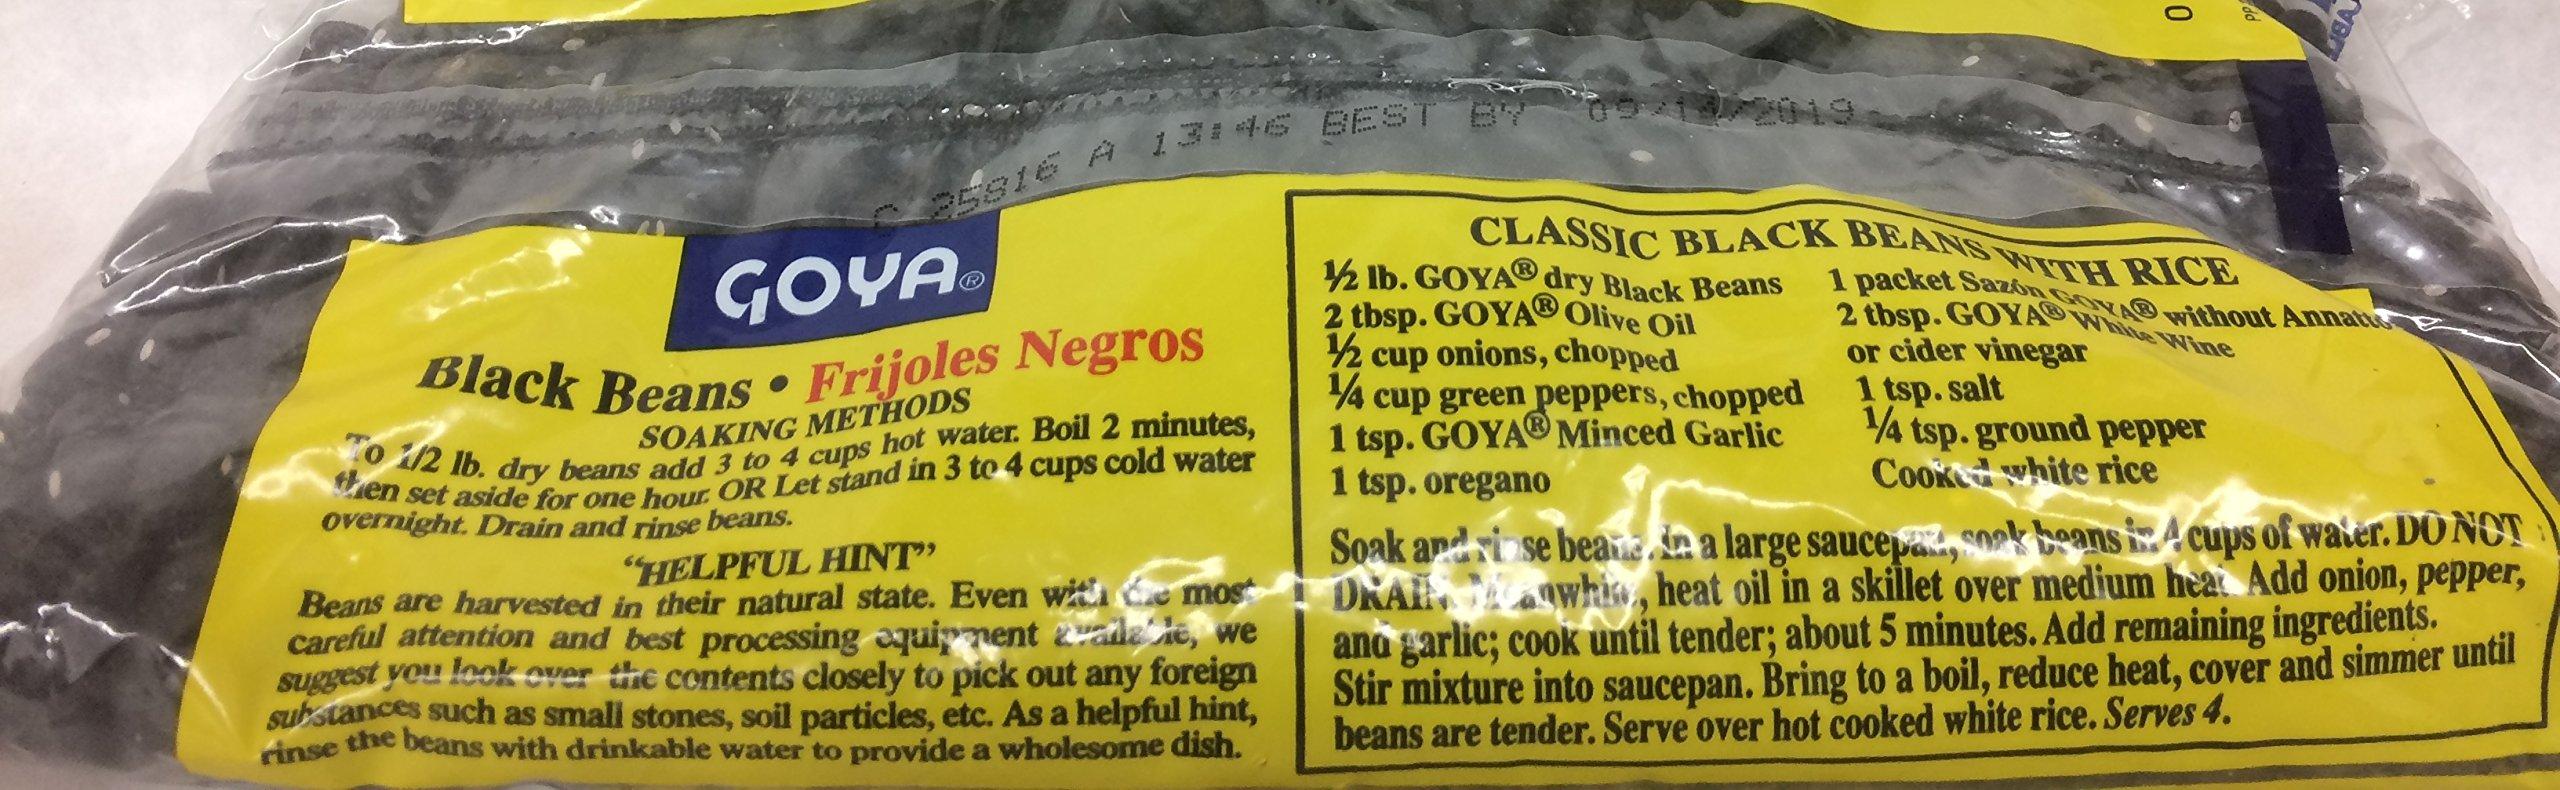 Goya Black Beans Frijoles Negros 16 Oz. Pack Of 3.